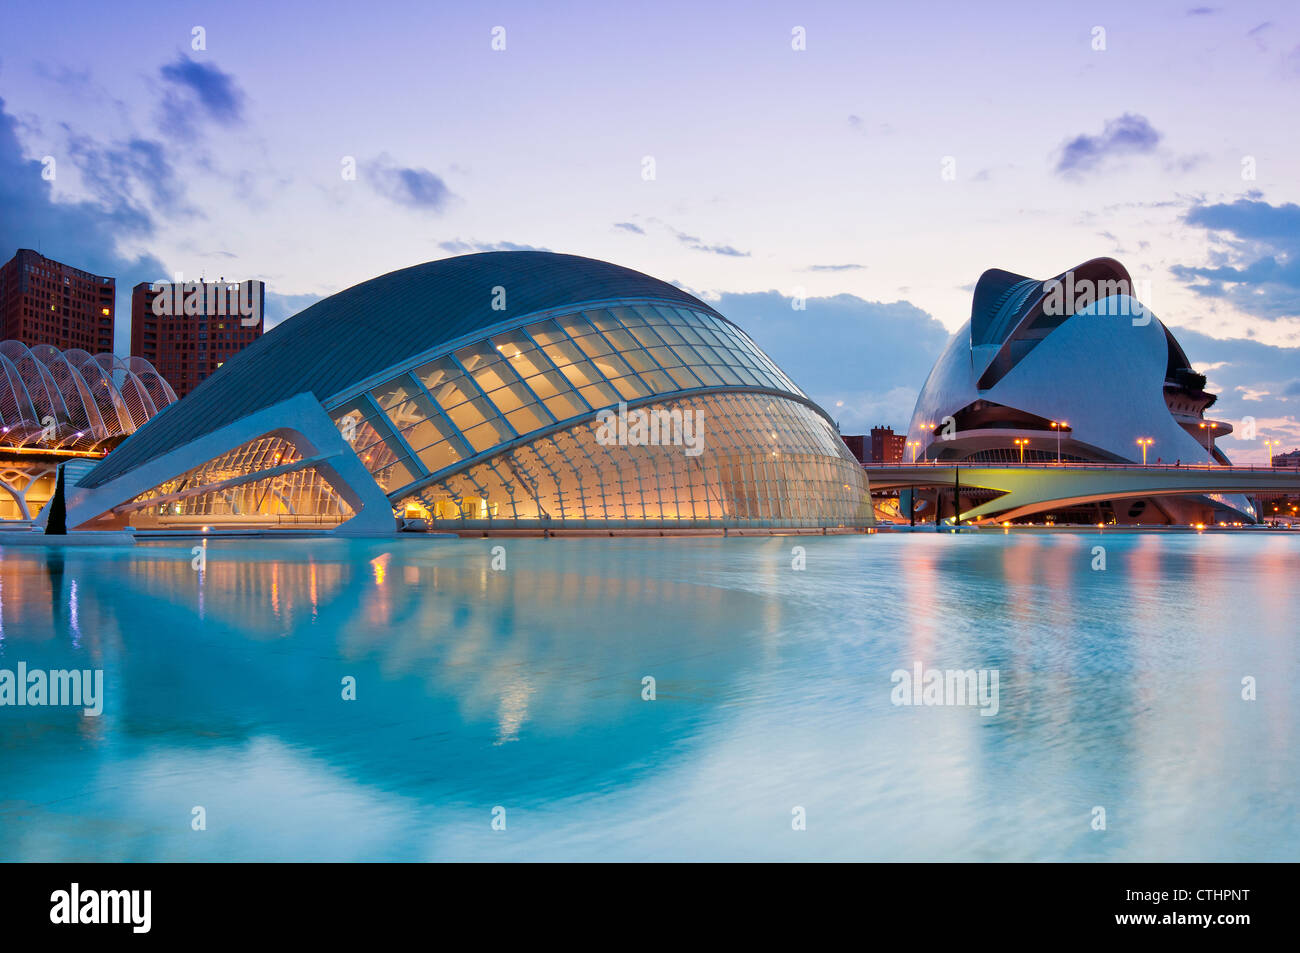 Hemisfèric Planetarium and Palau de les Arts Reina Sofia, Ciudad de las Artes y las Ciencias (City of Arts - Stock Image